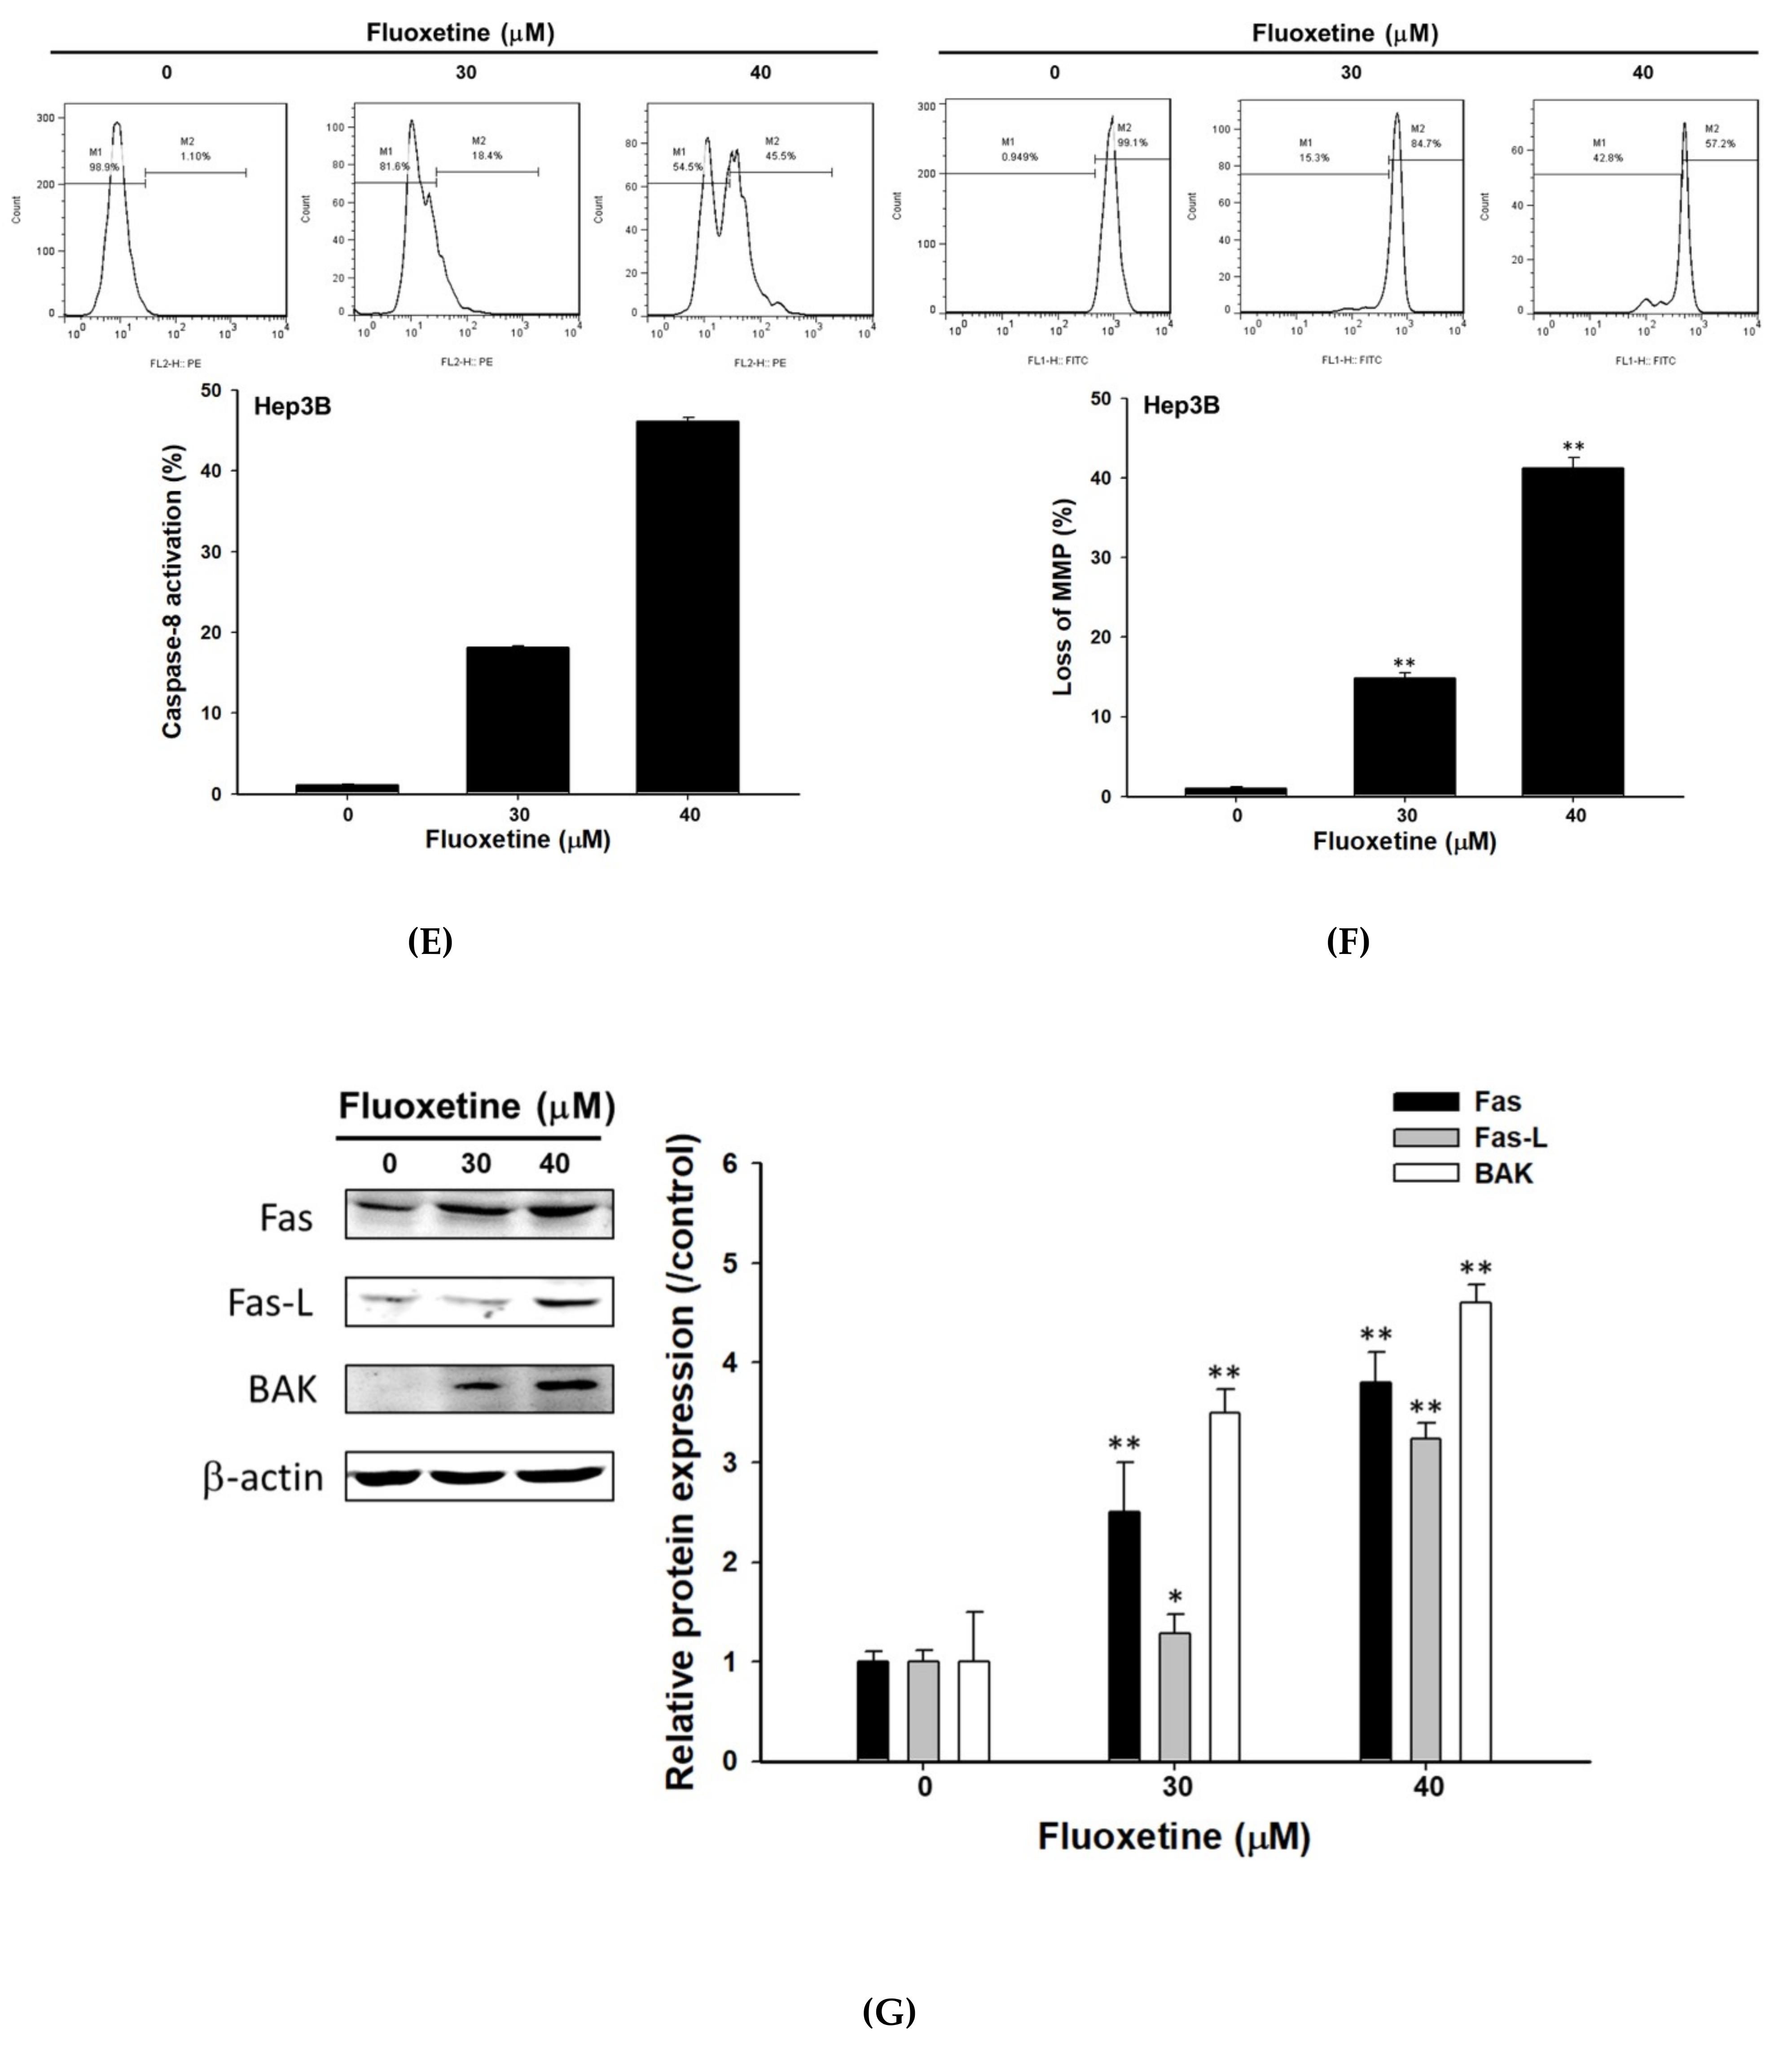 IJMS | Free Full-Text | Fluoxetine Induces Apoptosis through